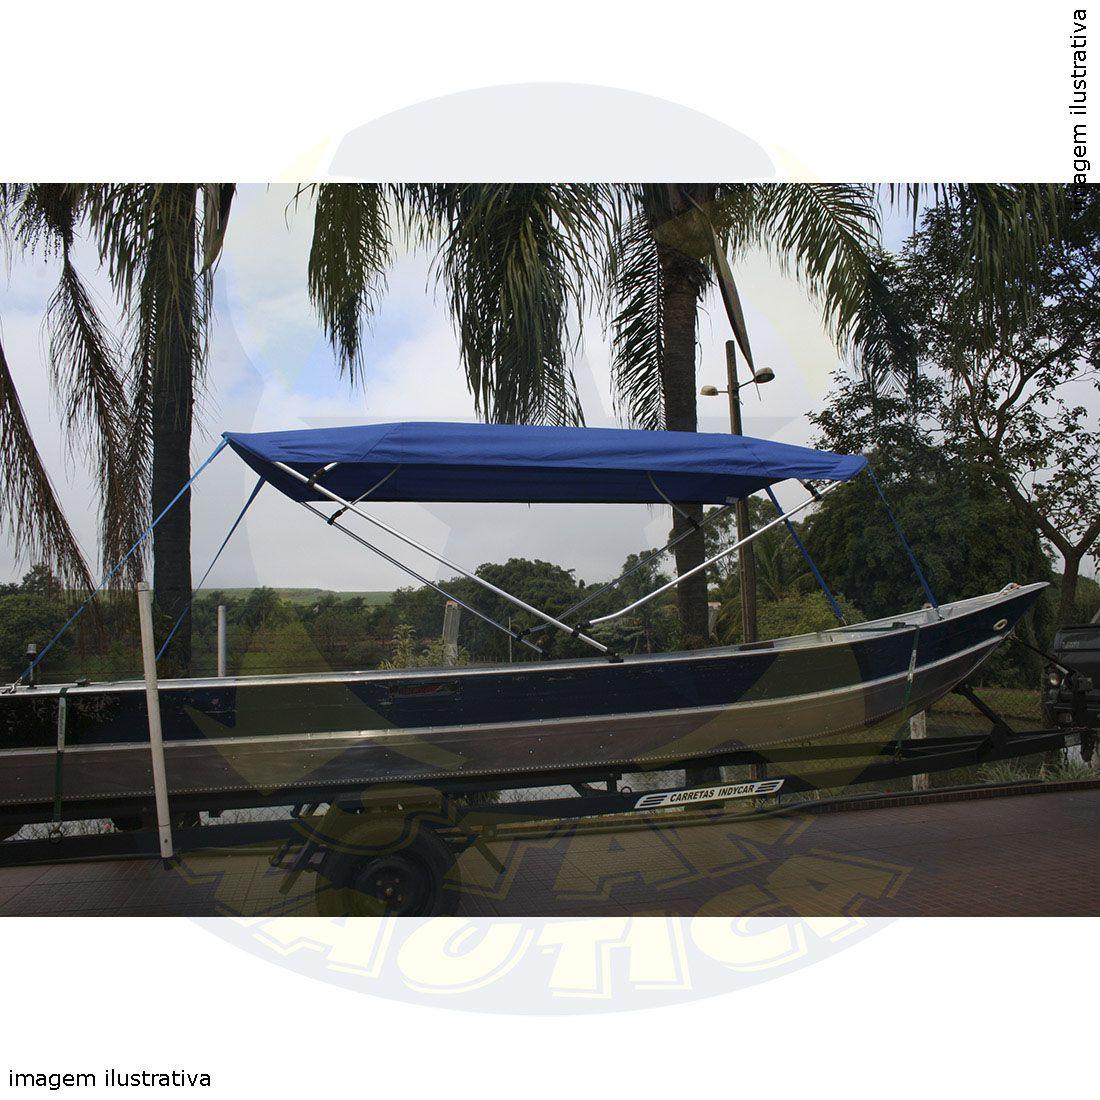 Capota Toldo Barco Apolus 600 Poliéster 4 Arcos Tubo 7/8